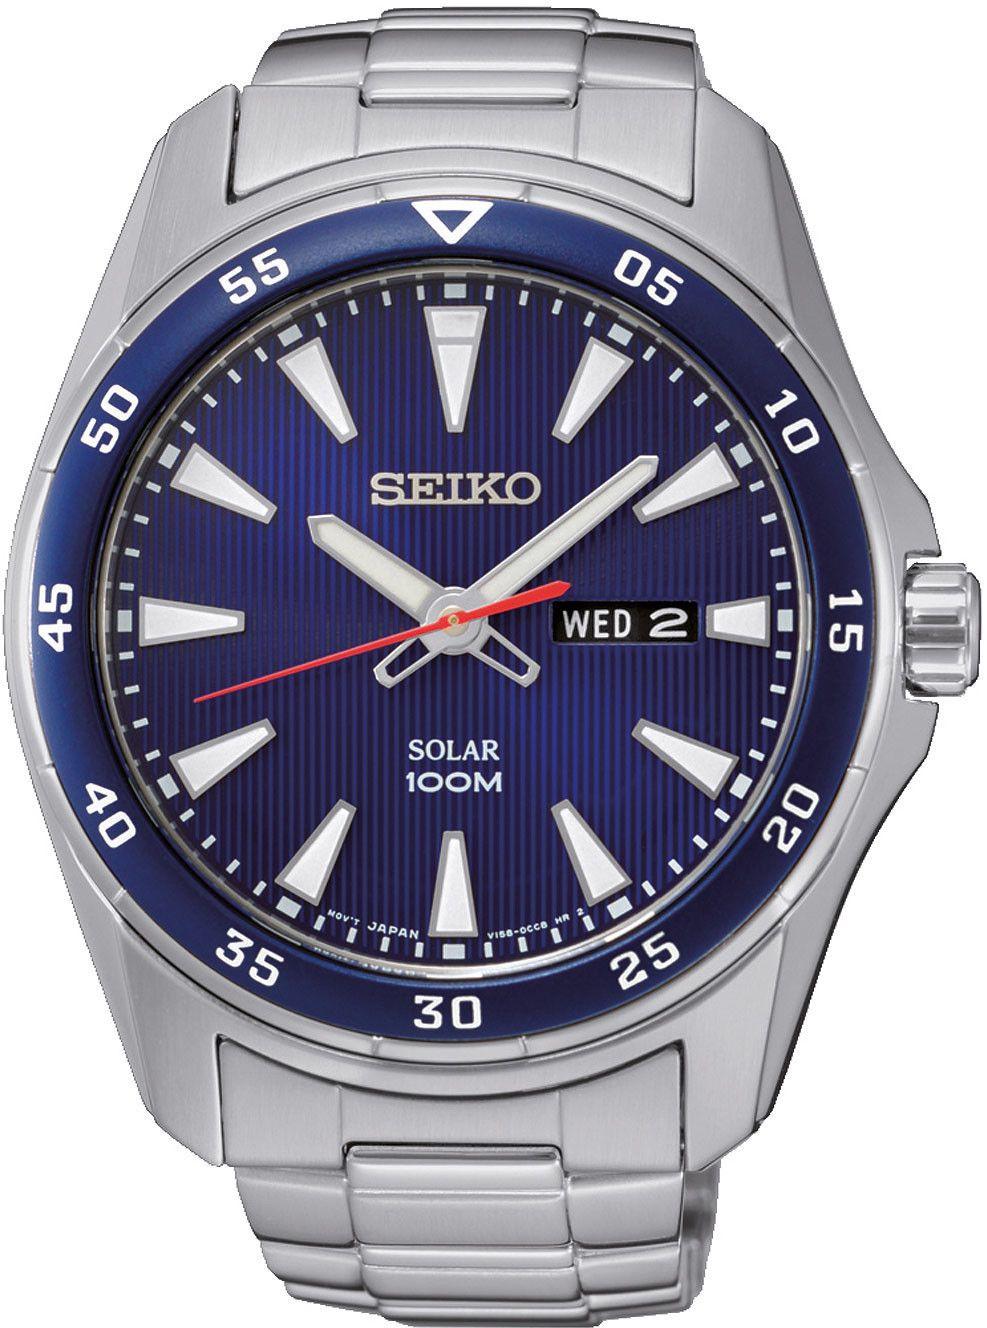 Seiko SNE391P1 Solar-Uhr (43 mm, Edelstahl, Hardlex Glas, LumiBrite, Datumsanzeige, wasserdicht bis 10 bar) Dunkelblau